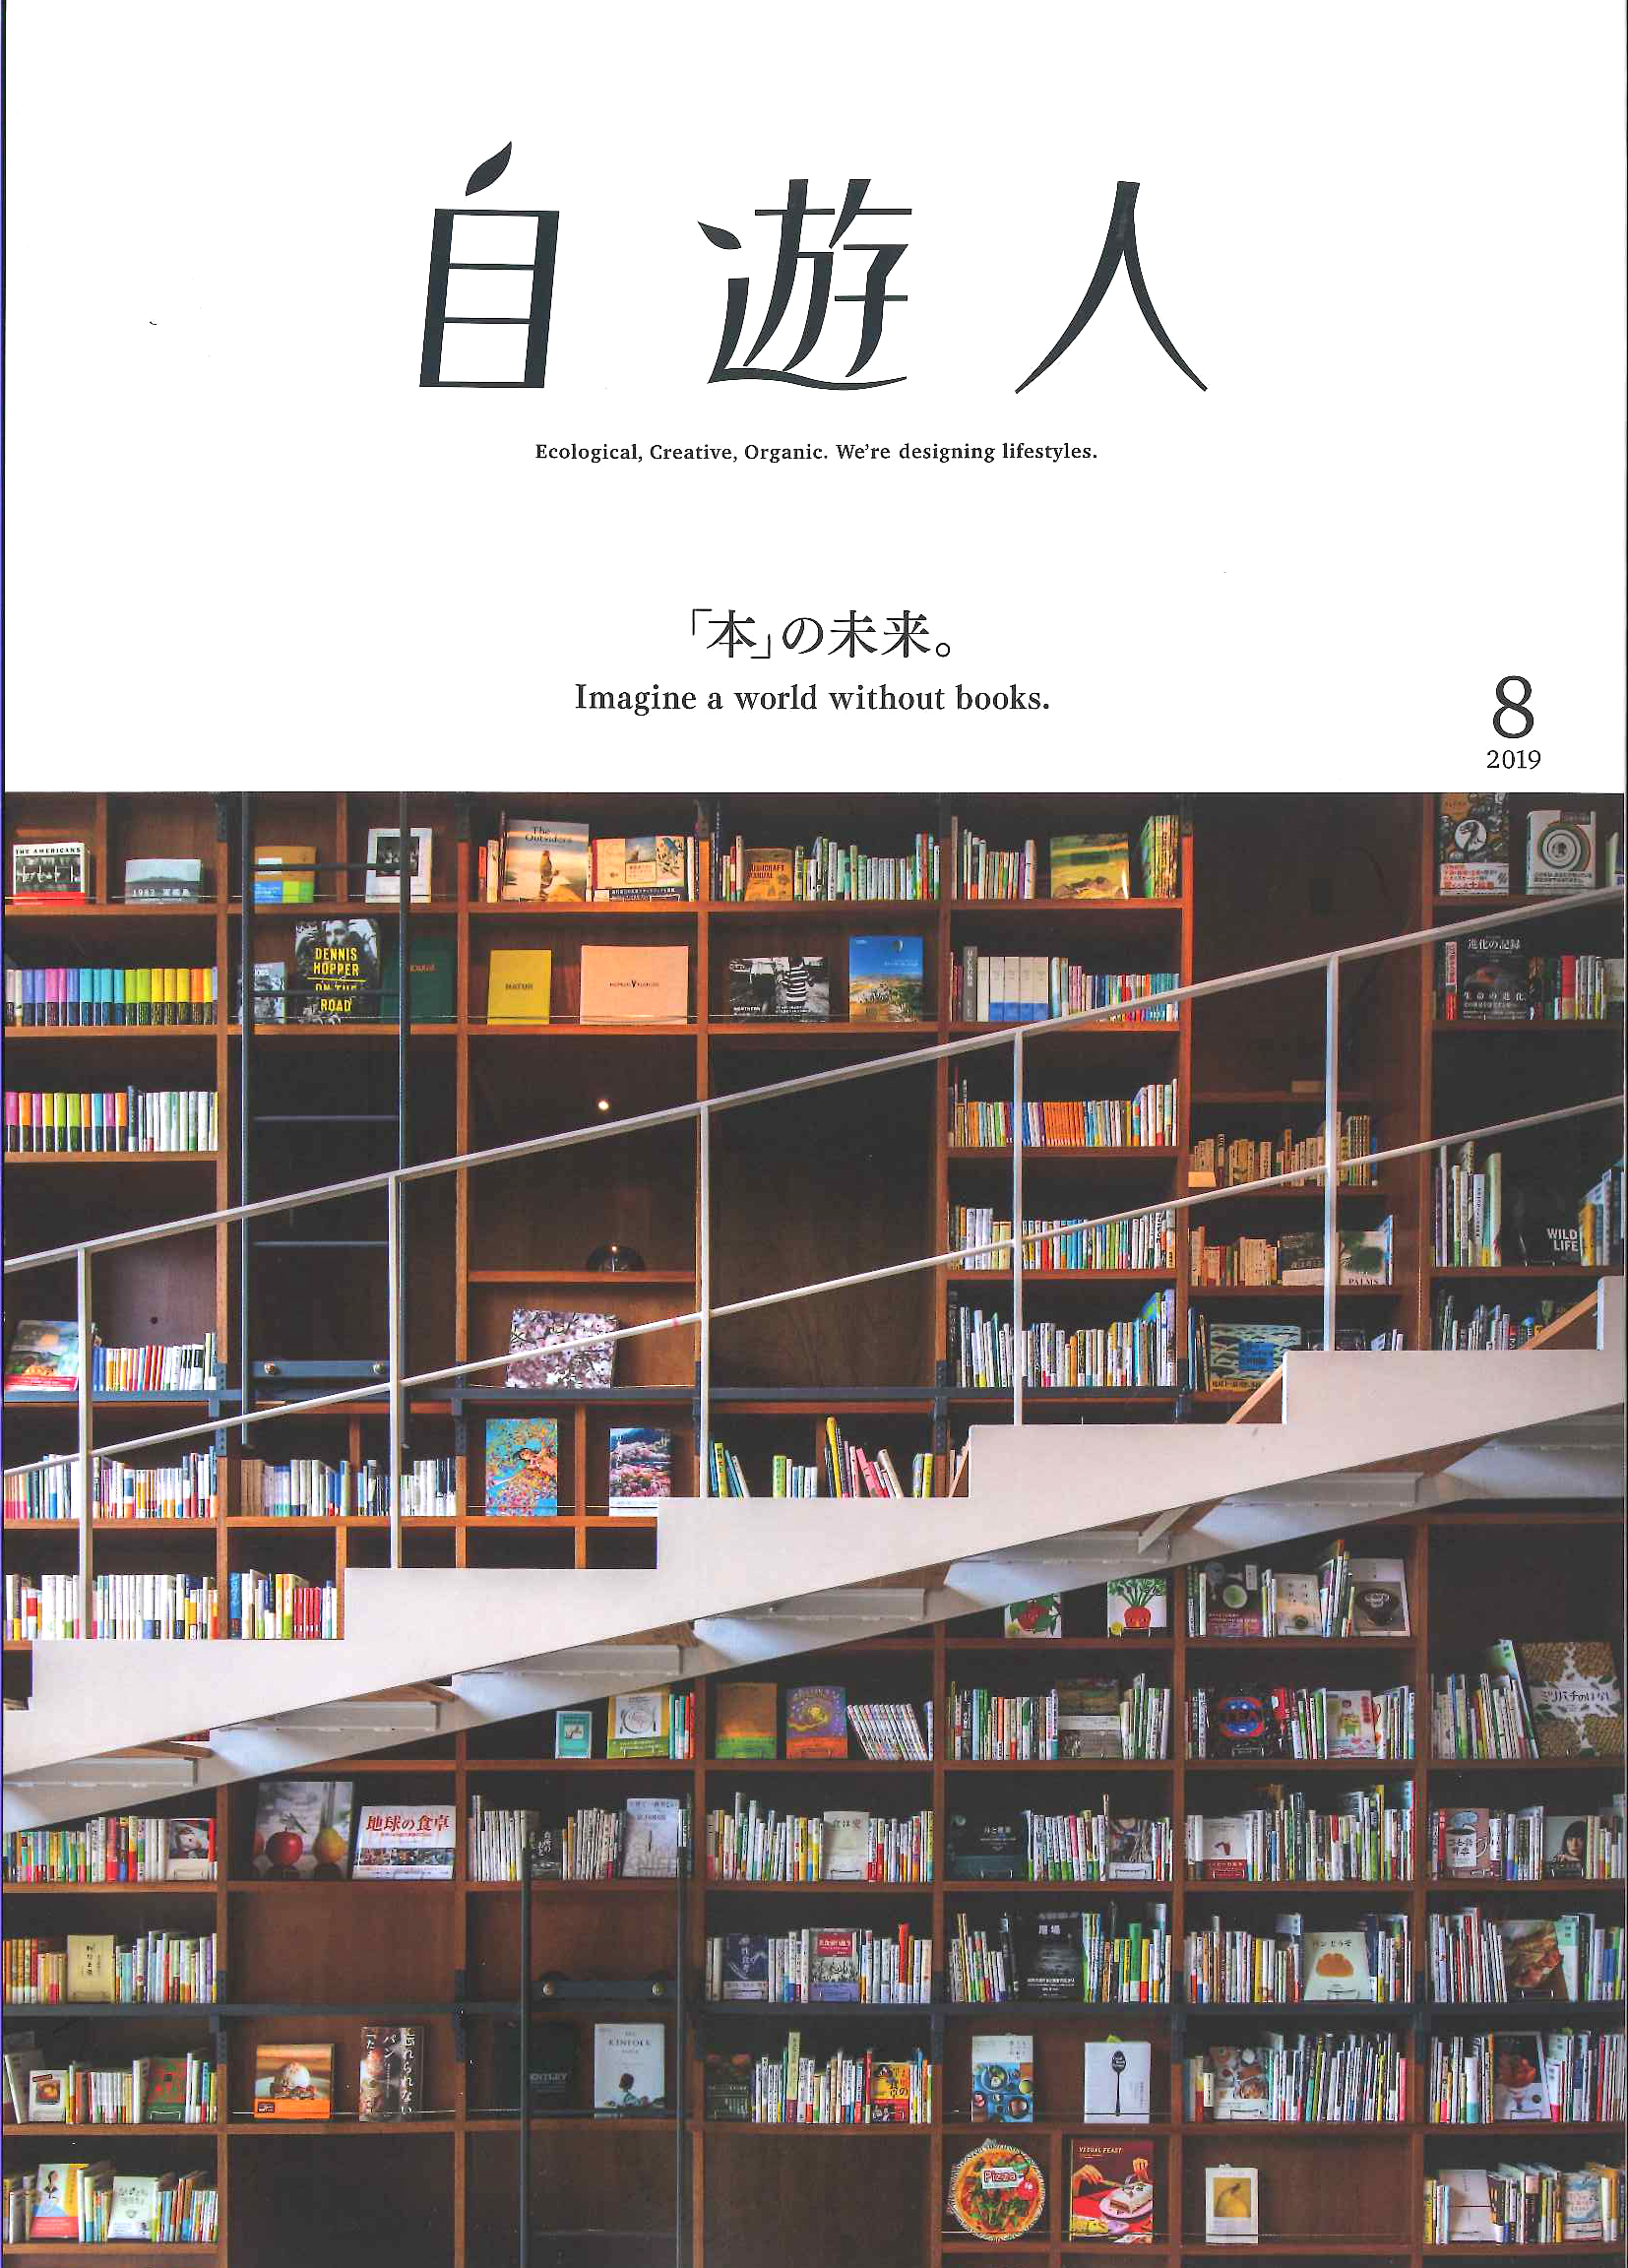 2019/8 ㈱自遊人 岩佐十良 発行  P119にて、『Pick up information』 に掲載されました。